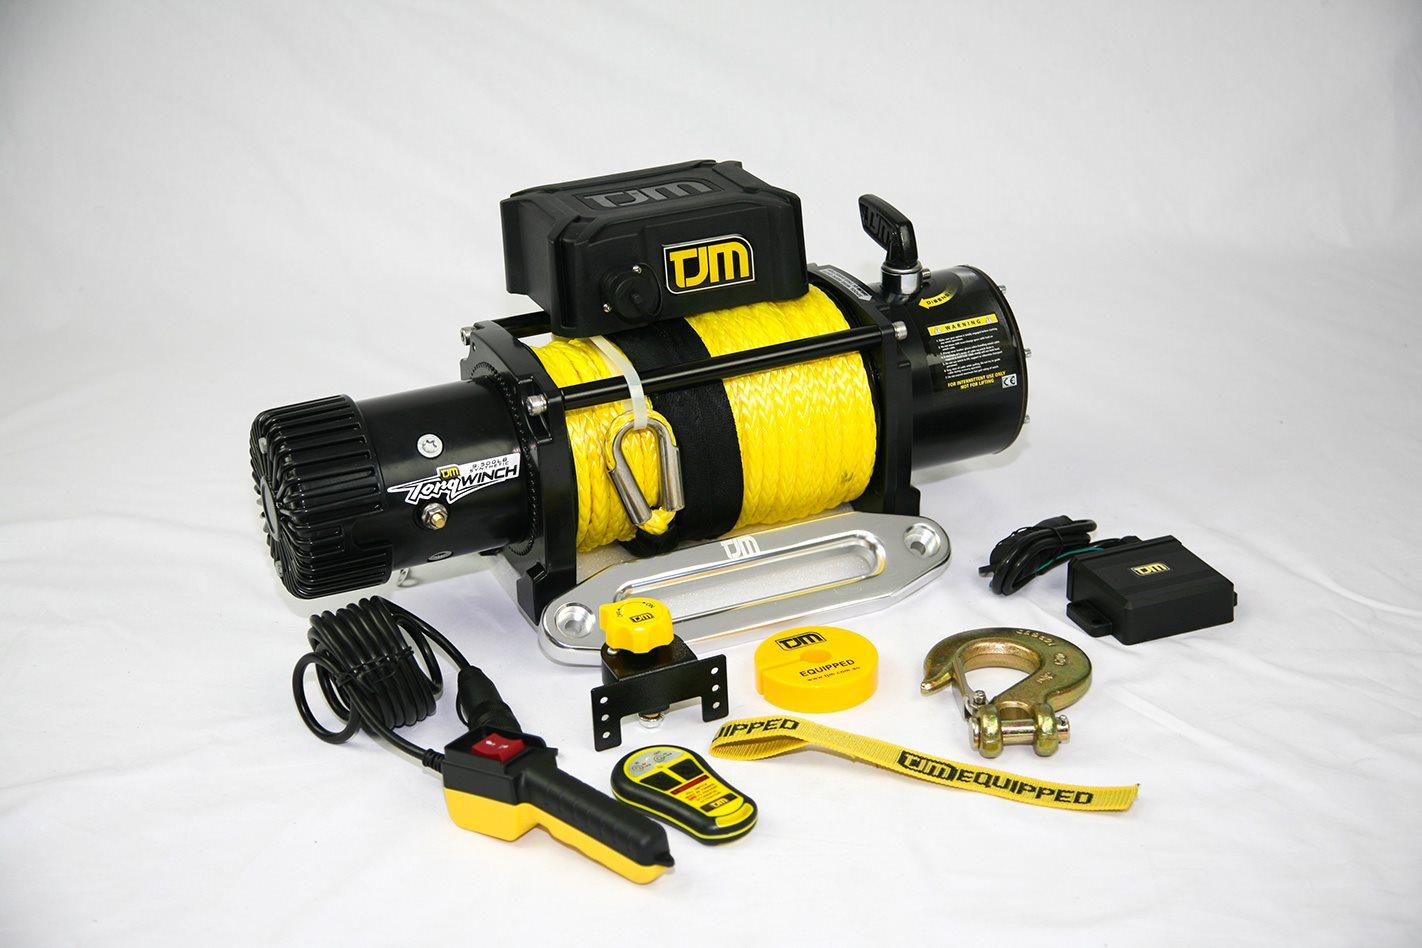 TJM Torq Winch 9500 kit